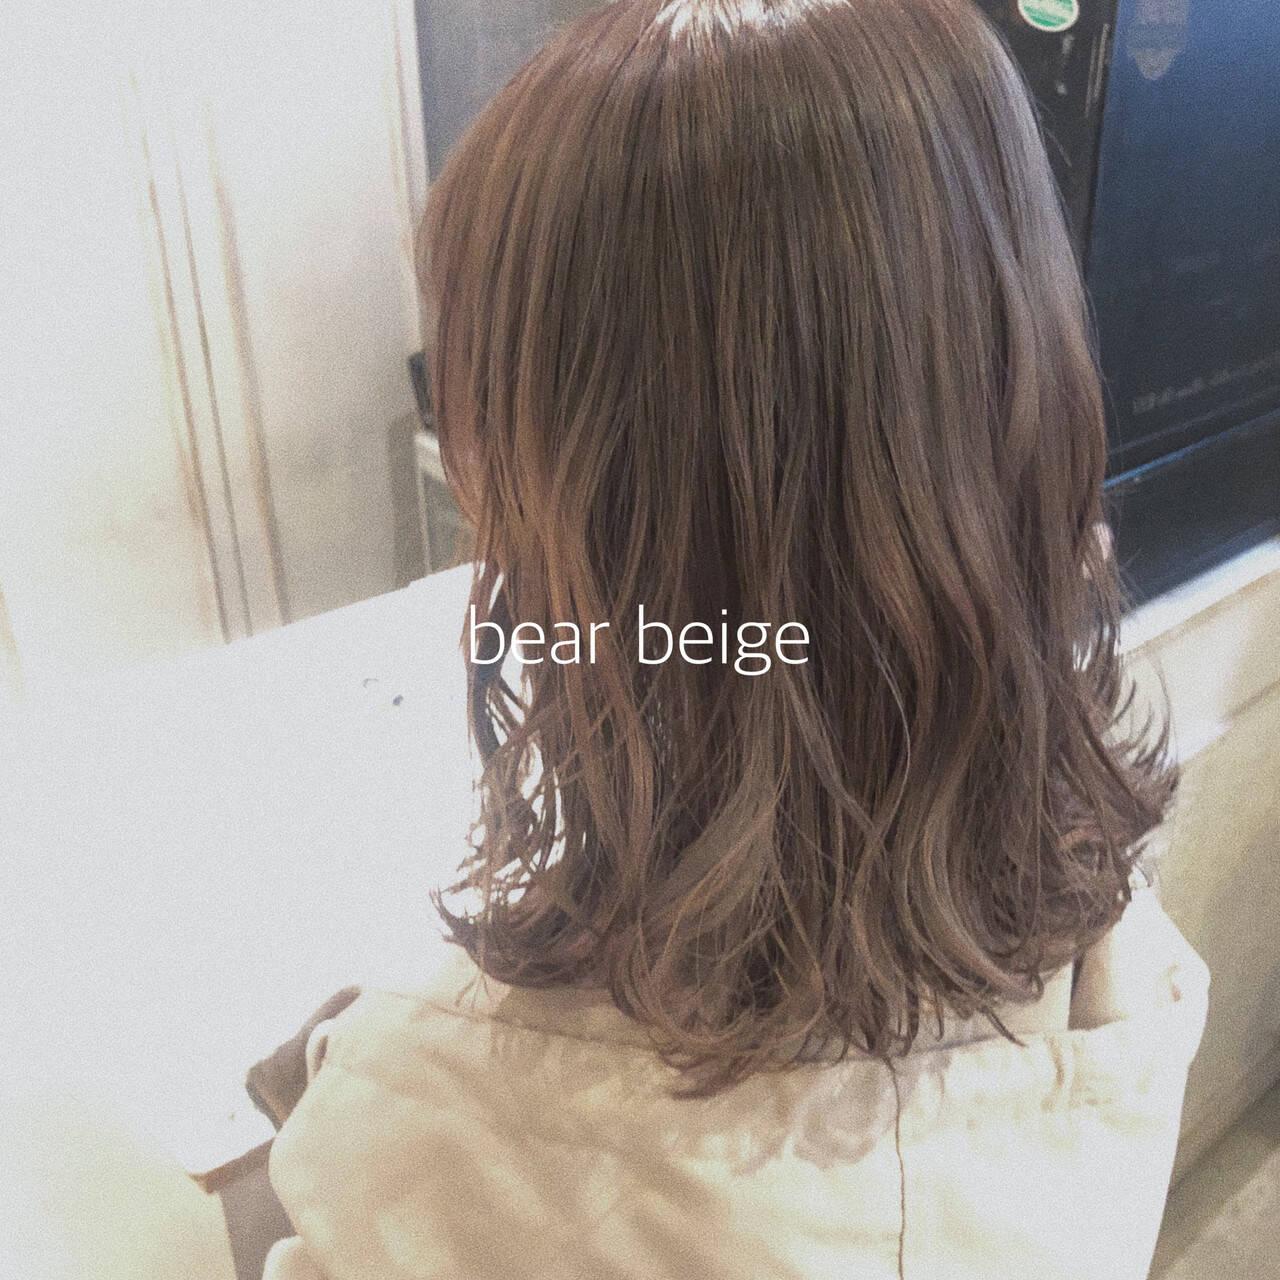 シアーベージュ ミディアム ヌーディベージュ ベージュヘアスタイルや髪型の写真・画像